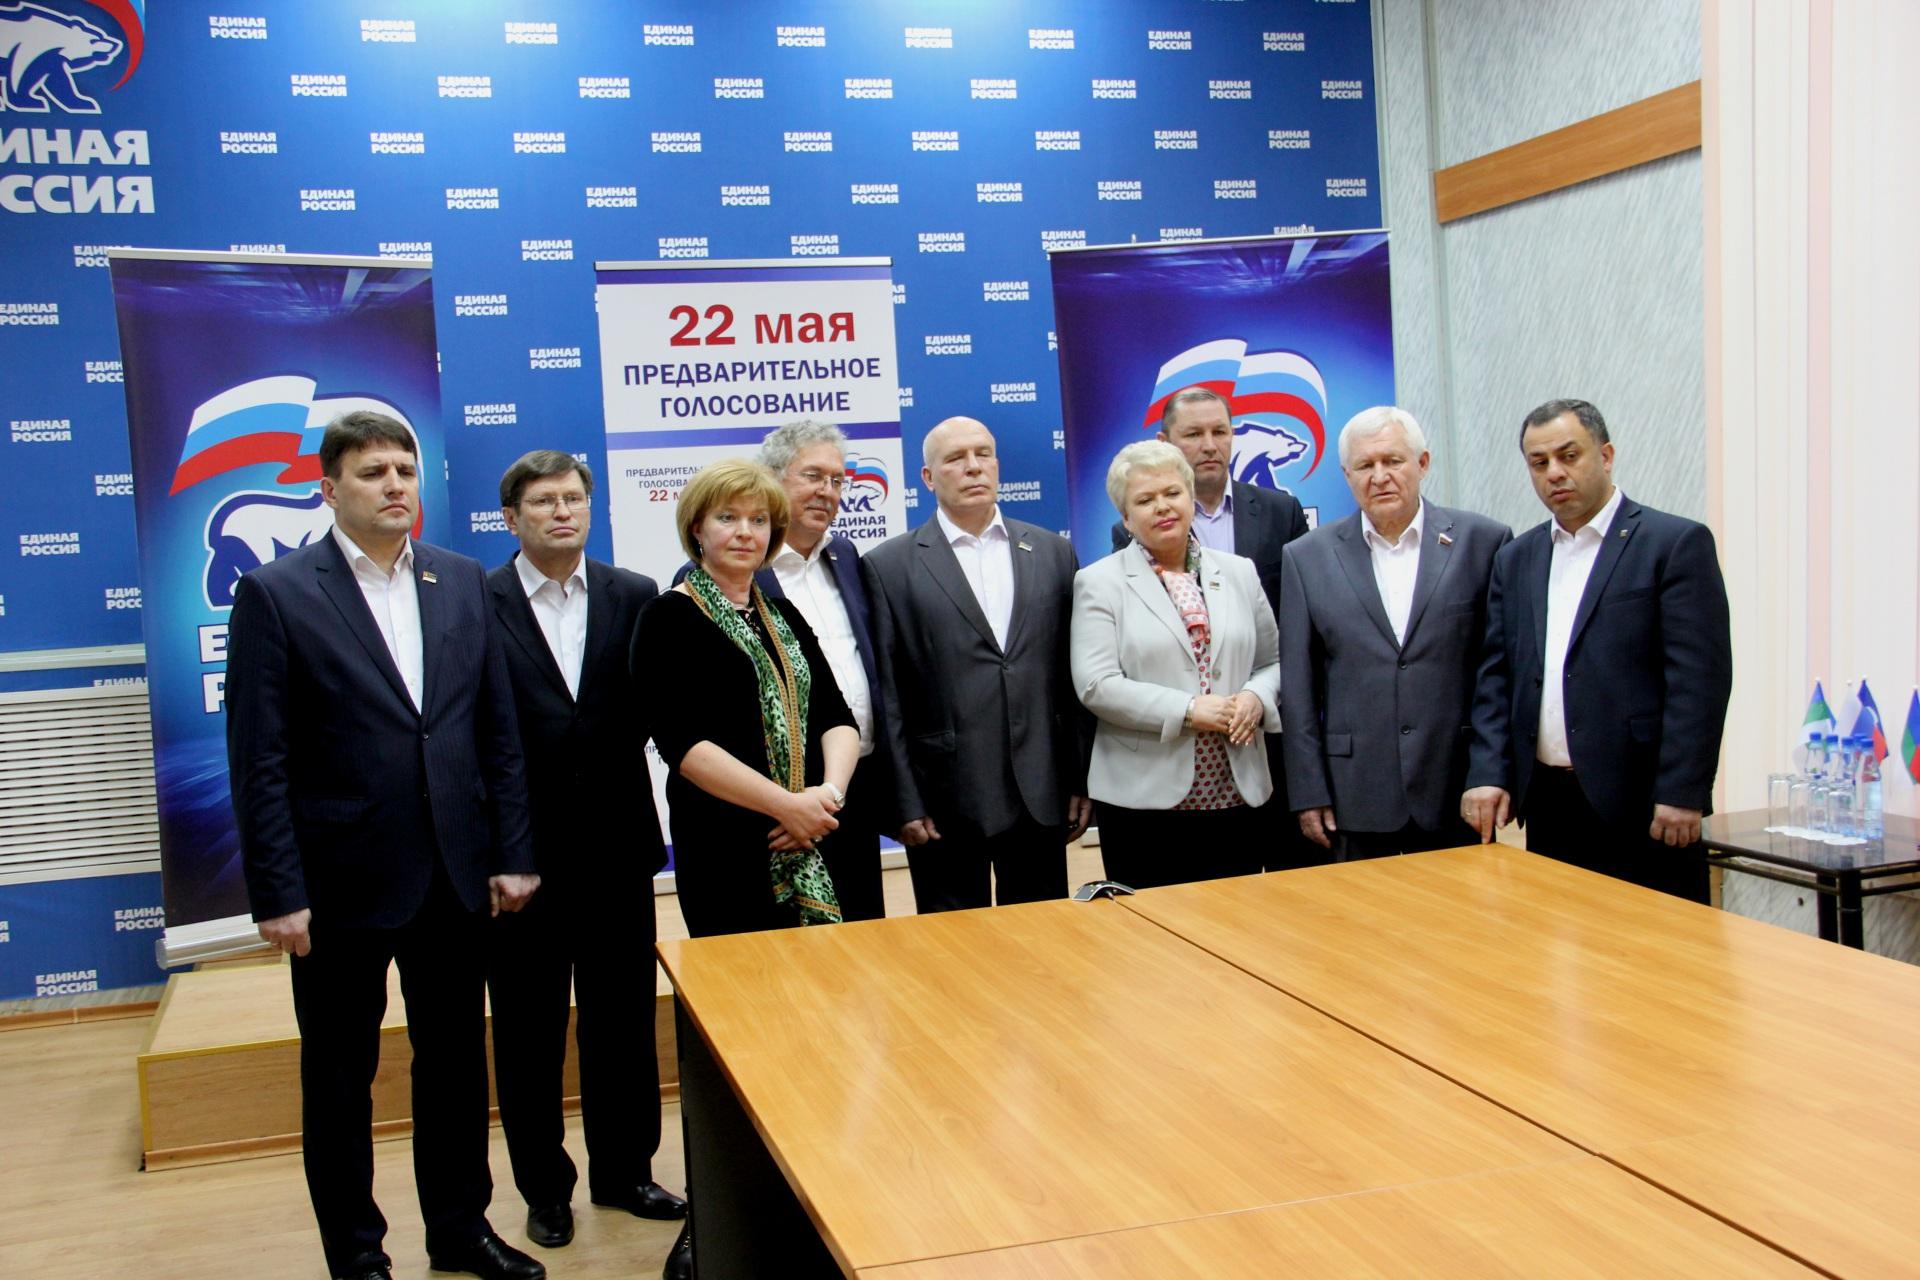 Проведение предварительного партийного голосования по выборам в Госдуму позволит выявить в регионах профессионалов  - Путин